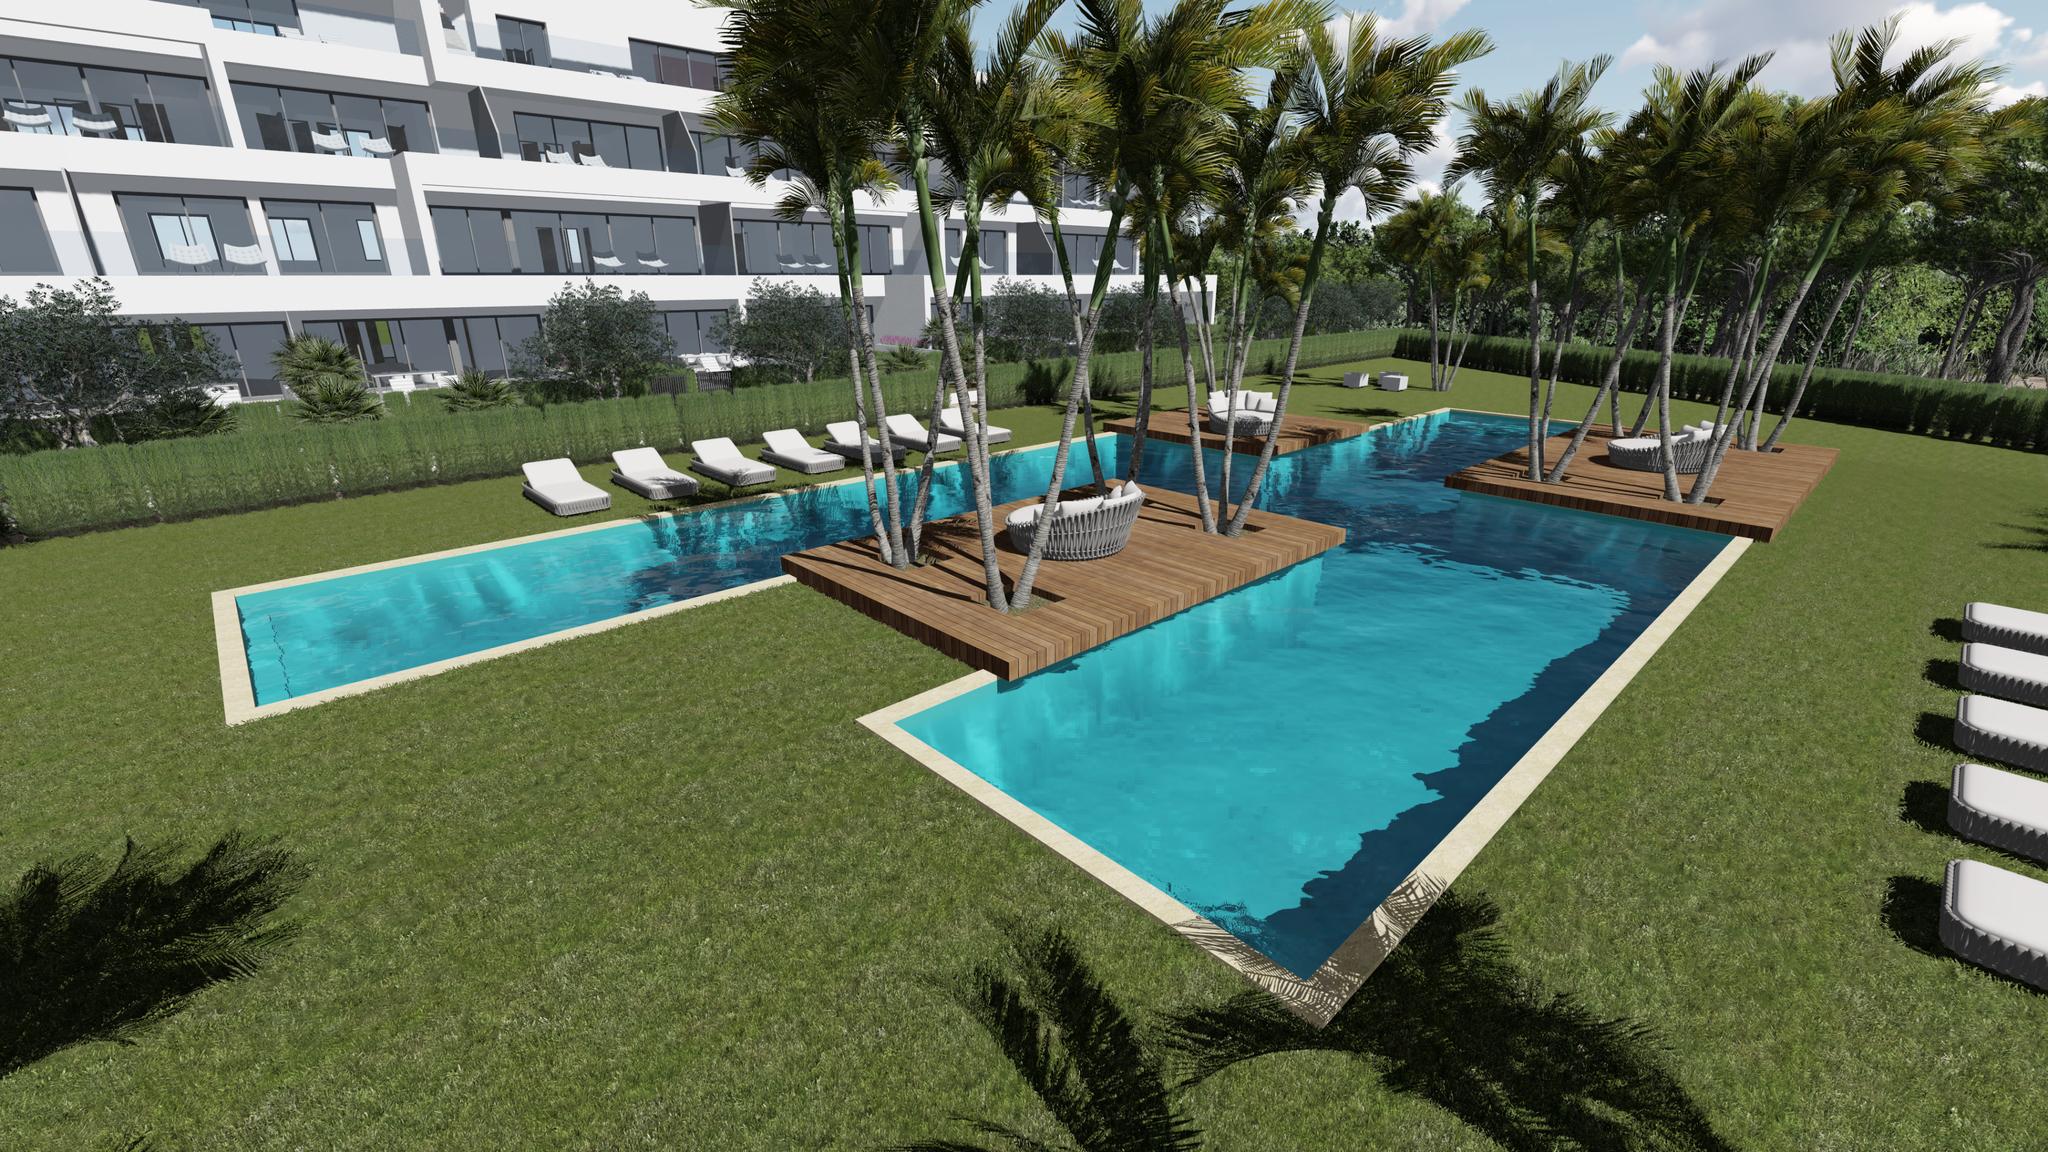 Nieuwbouw villa te koop met gemeenschappelijk zwembad moulin for Te koop inbouw zwembad